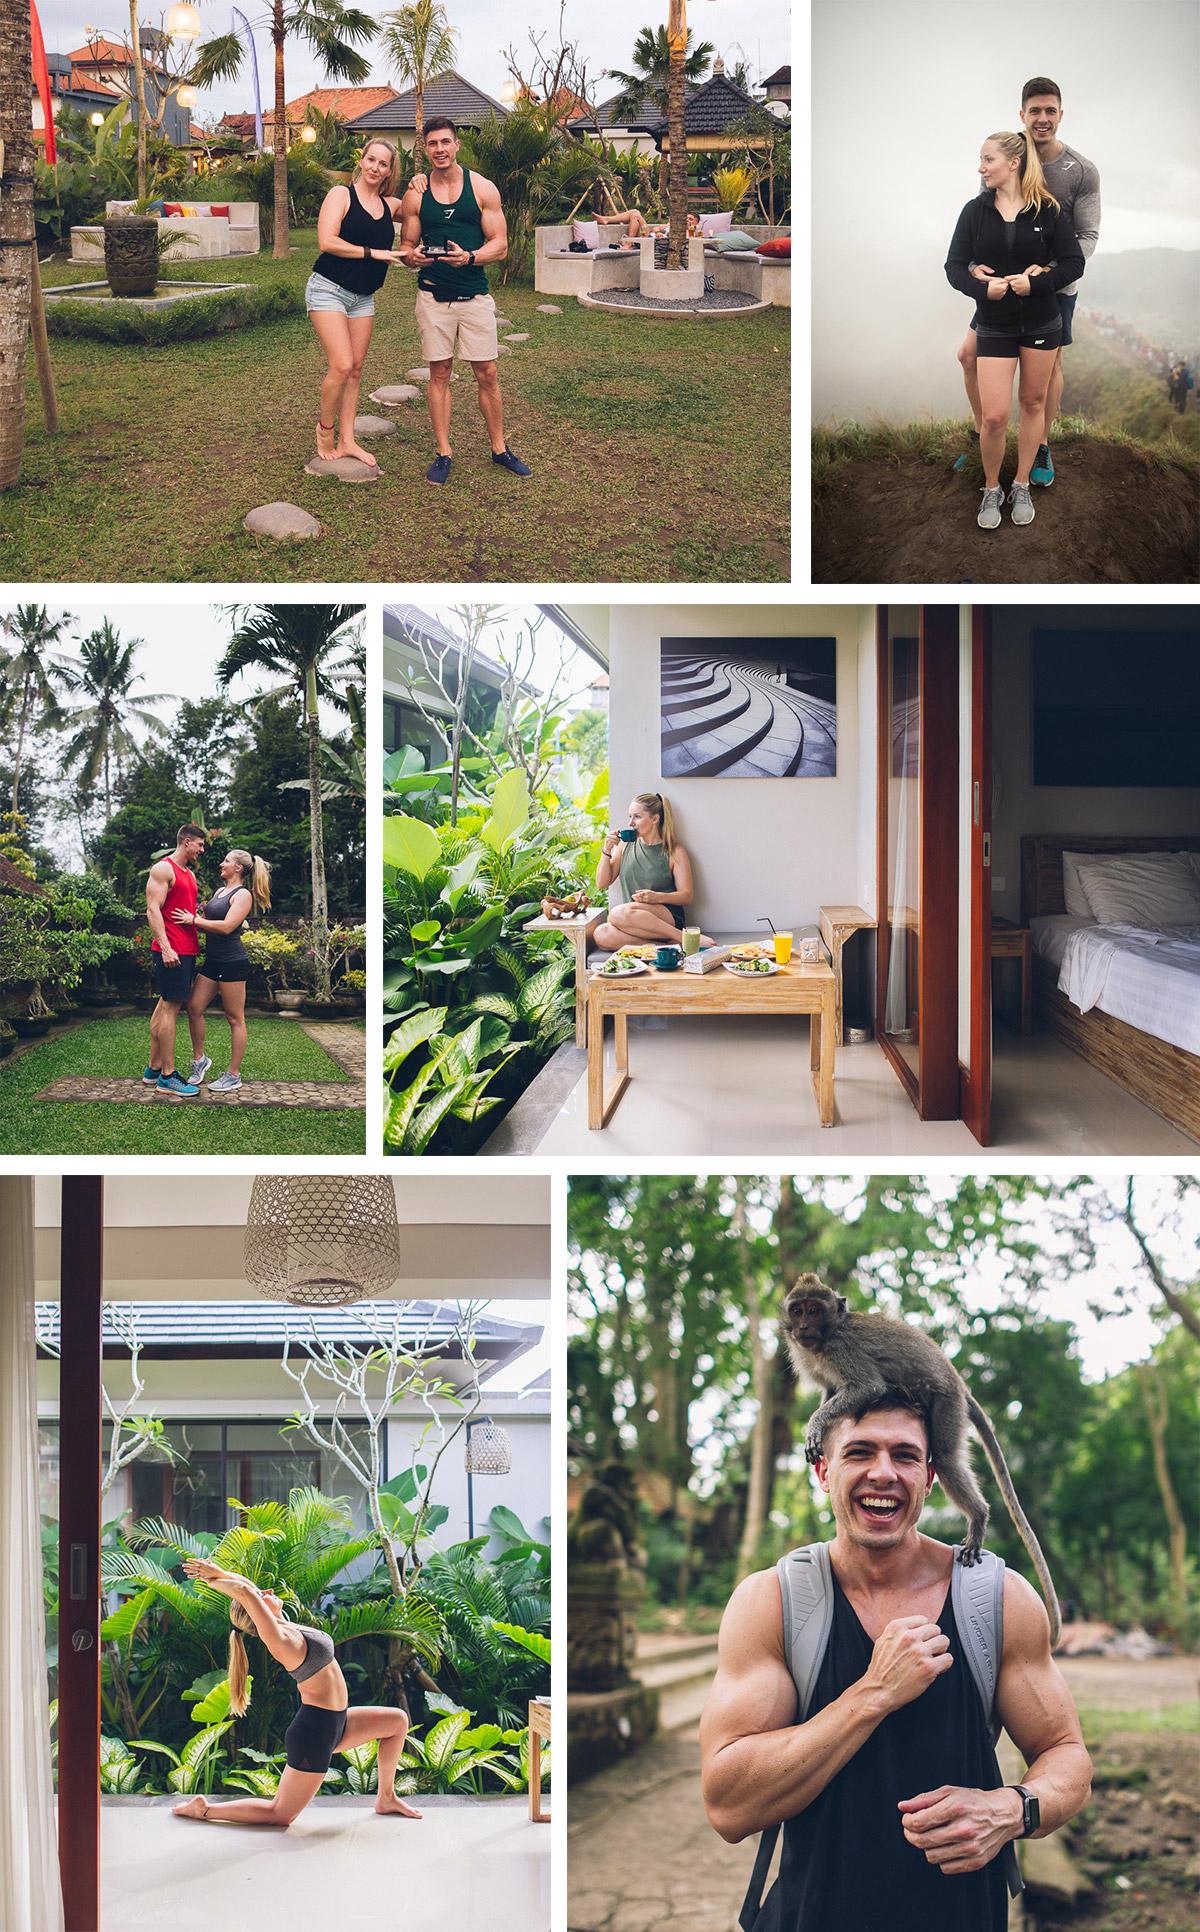 fitnessblog-fitnessblogger-fitness-blog-blogger-stuttgart-dreamteamfitness-unterkuenfte-auf-bali-the-moksha-ubud-indonesien